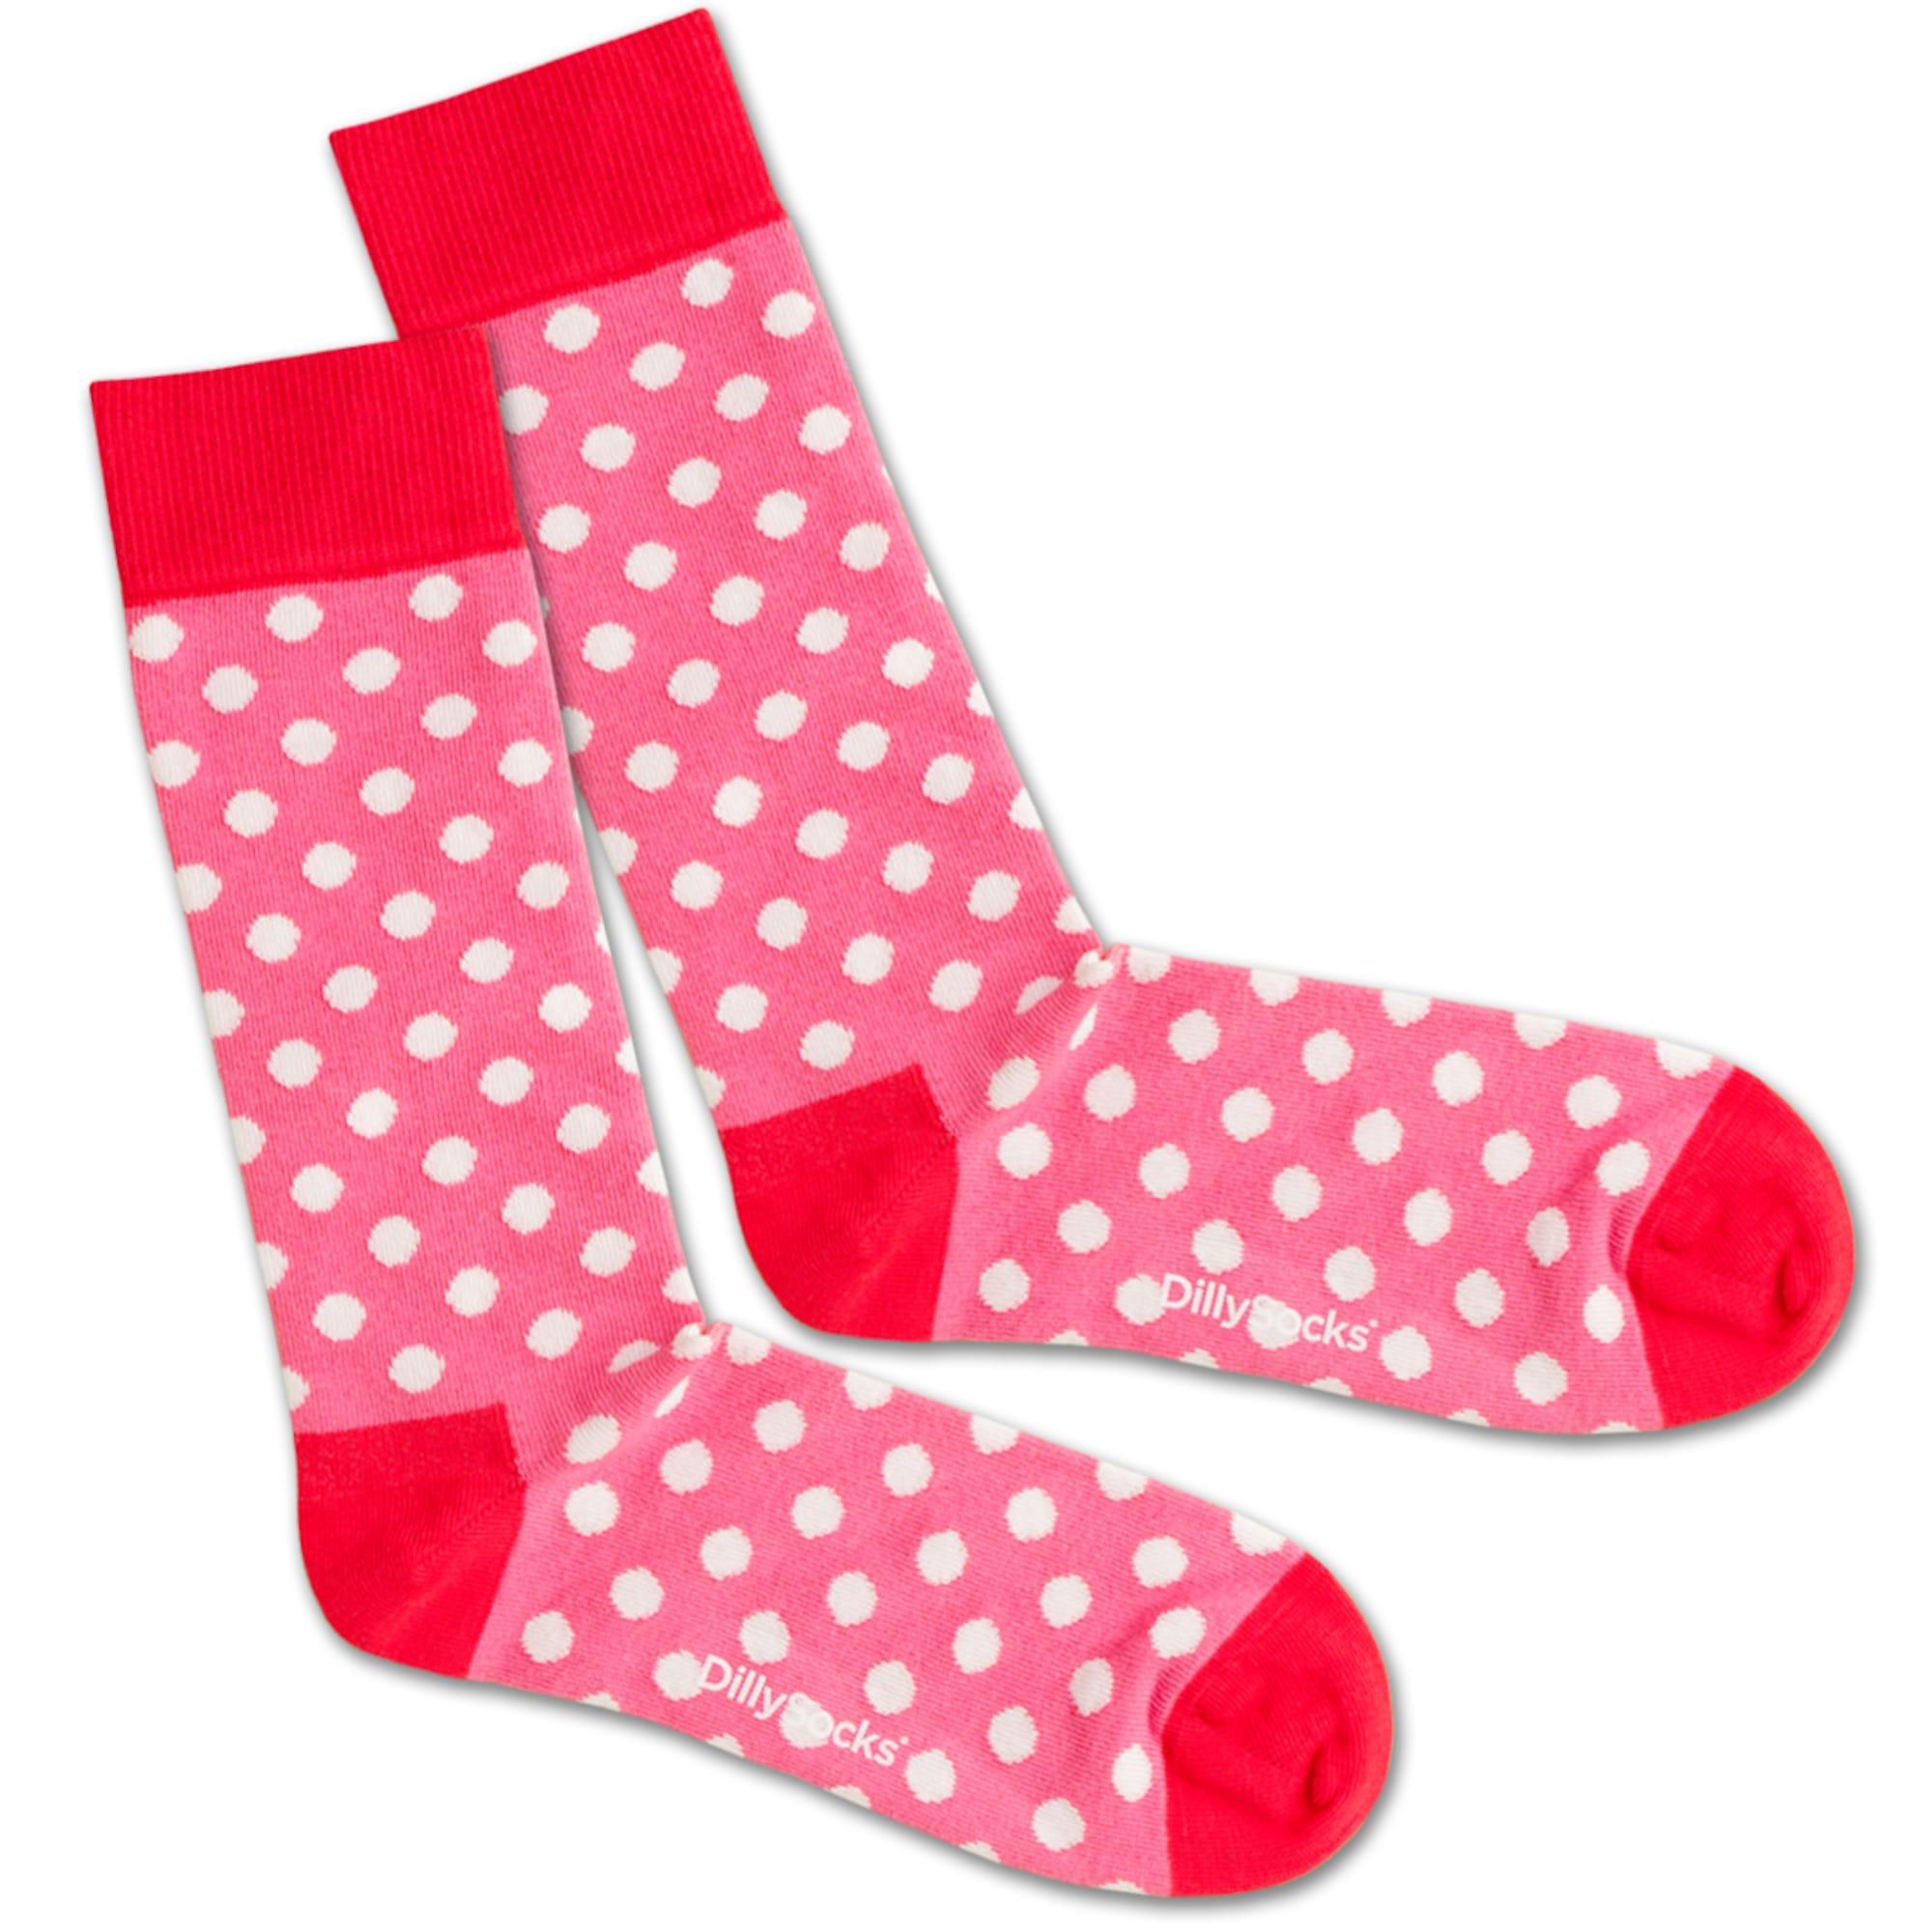 Ponožky Pinky Dots pink červená bílá DillySocks